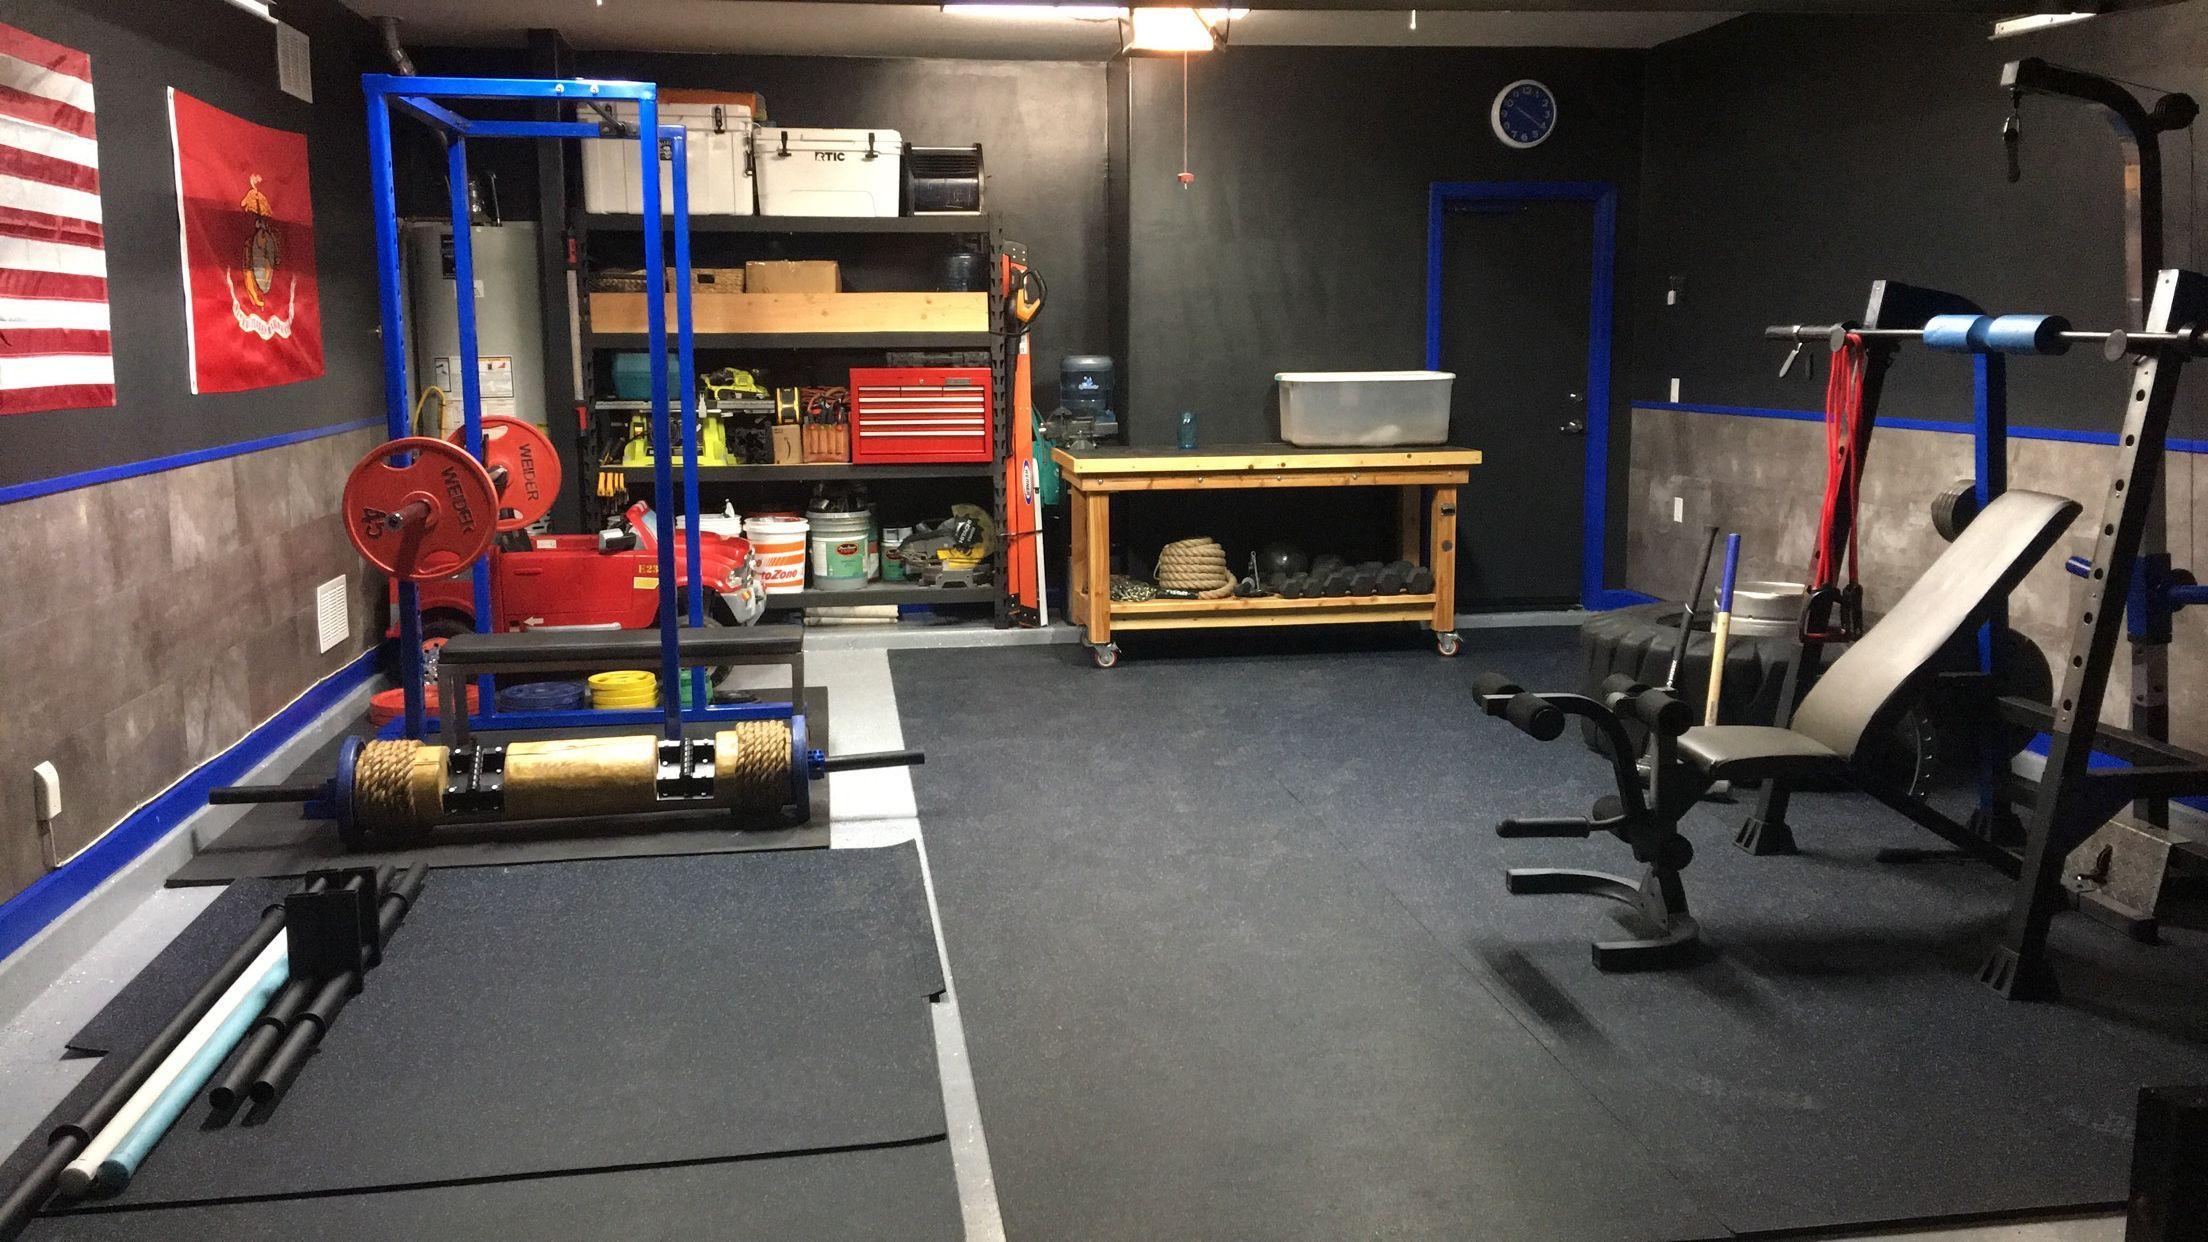 Garage gym gym fitness home gym decor gym decor garage gym